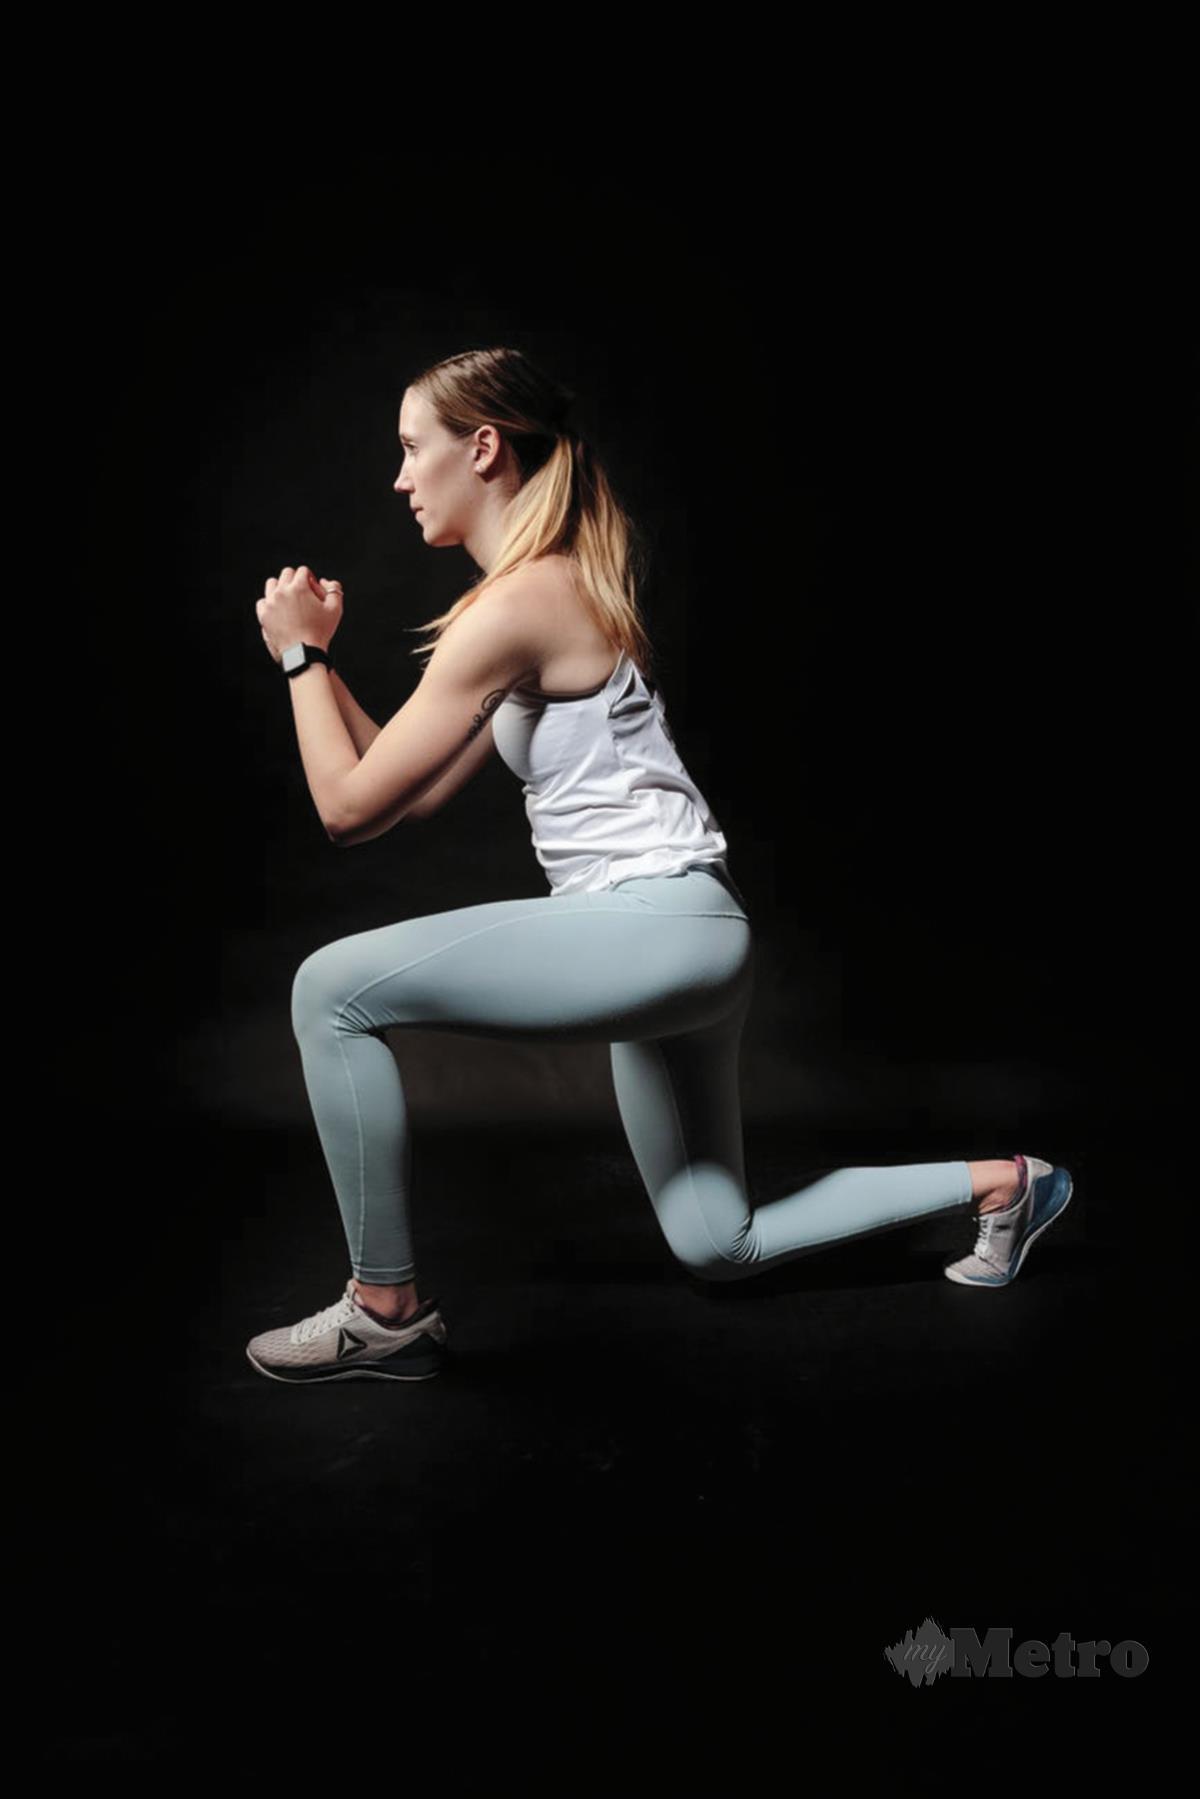 LATIHAN lunges amat membantu membentuk kaki yang cantik.